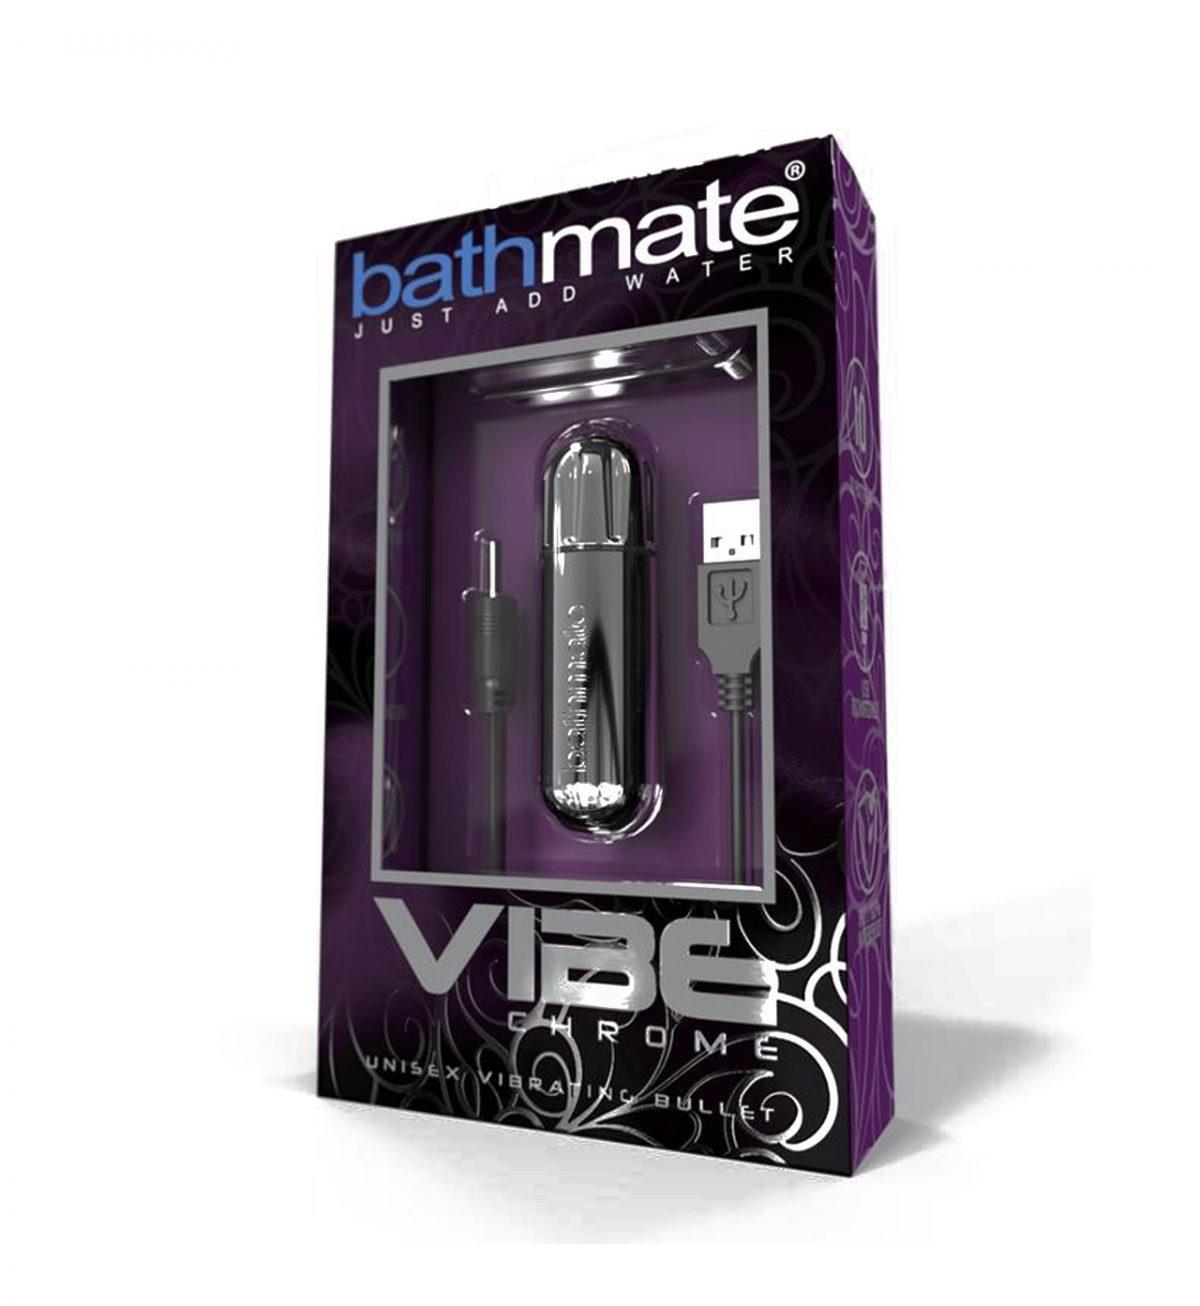 Vibe, Metall - Smidig kuleformet vanntett vibrator - Bathmate